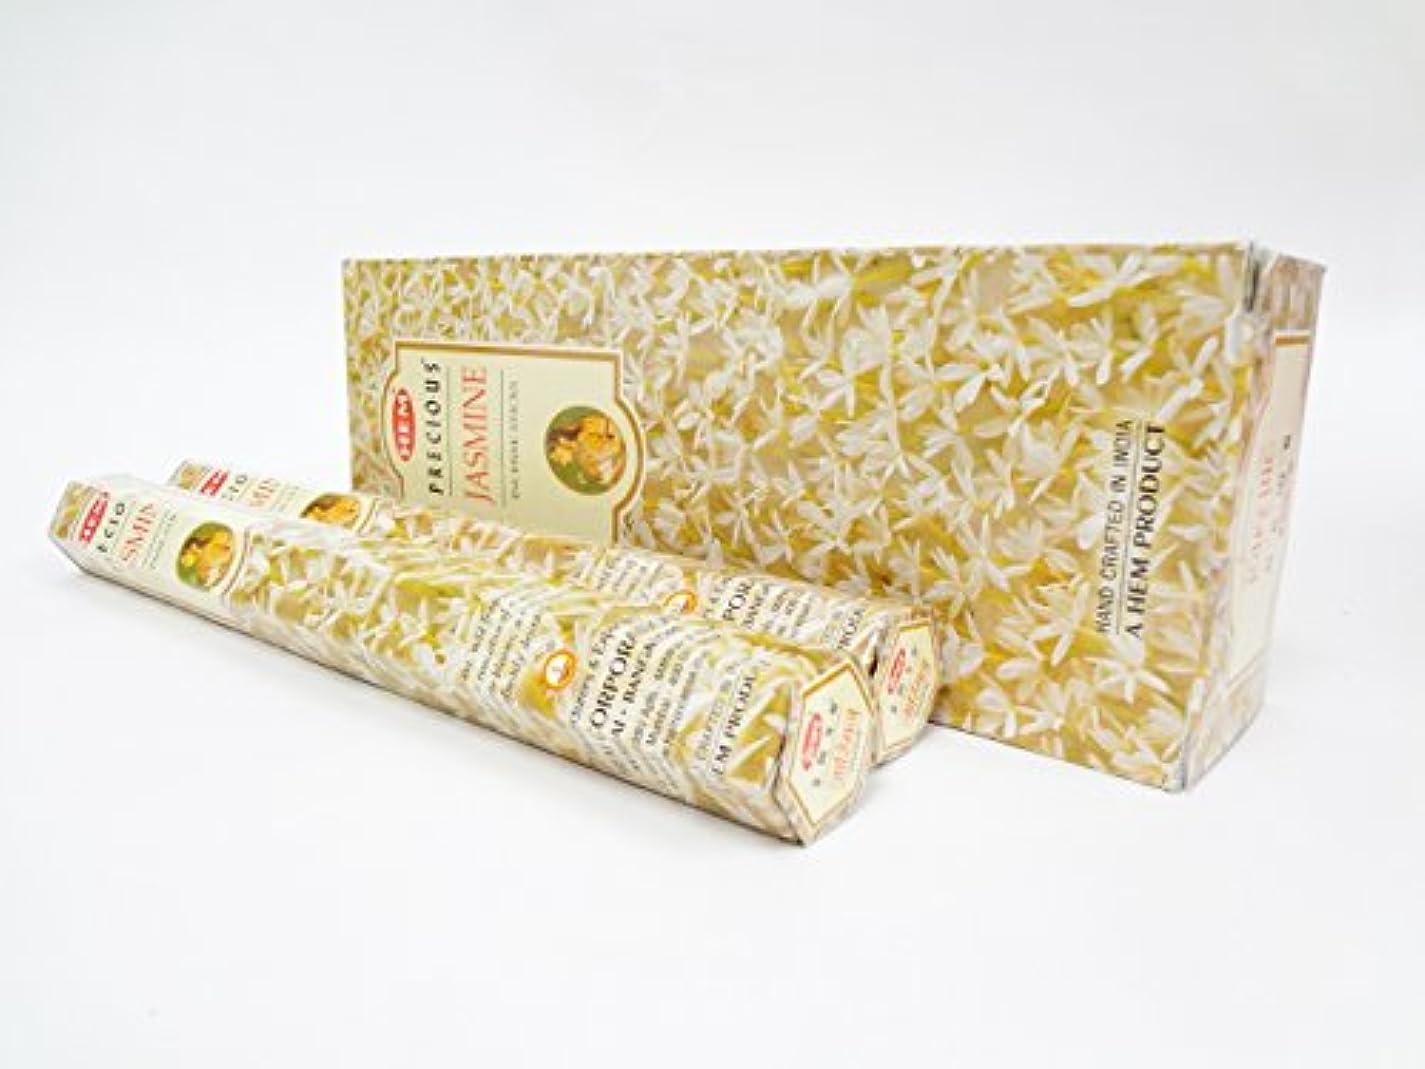 トランクライブラリ伸ばす釈義【お香 スティック】【リラクゼーション】【ジャスミン】 スティック香 6セット入り 【HEM 甘くシトラス系の酸味のあるジャスミンの香り】